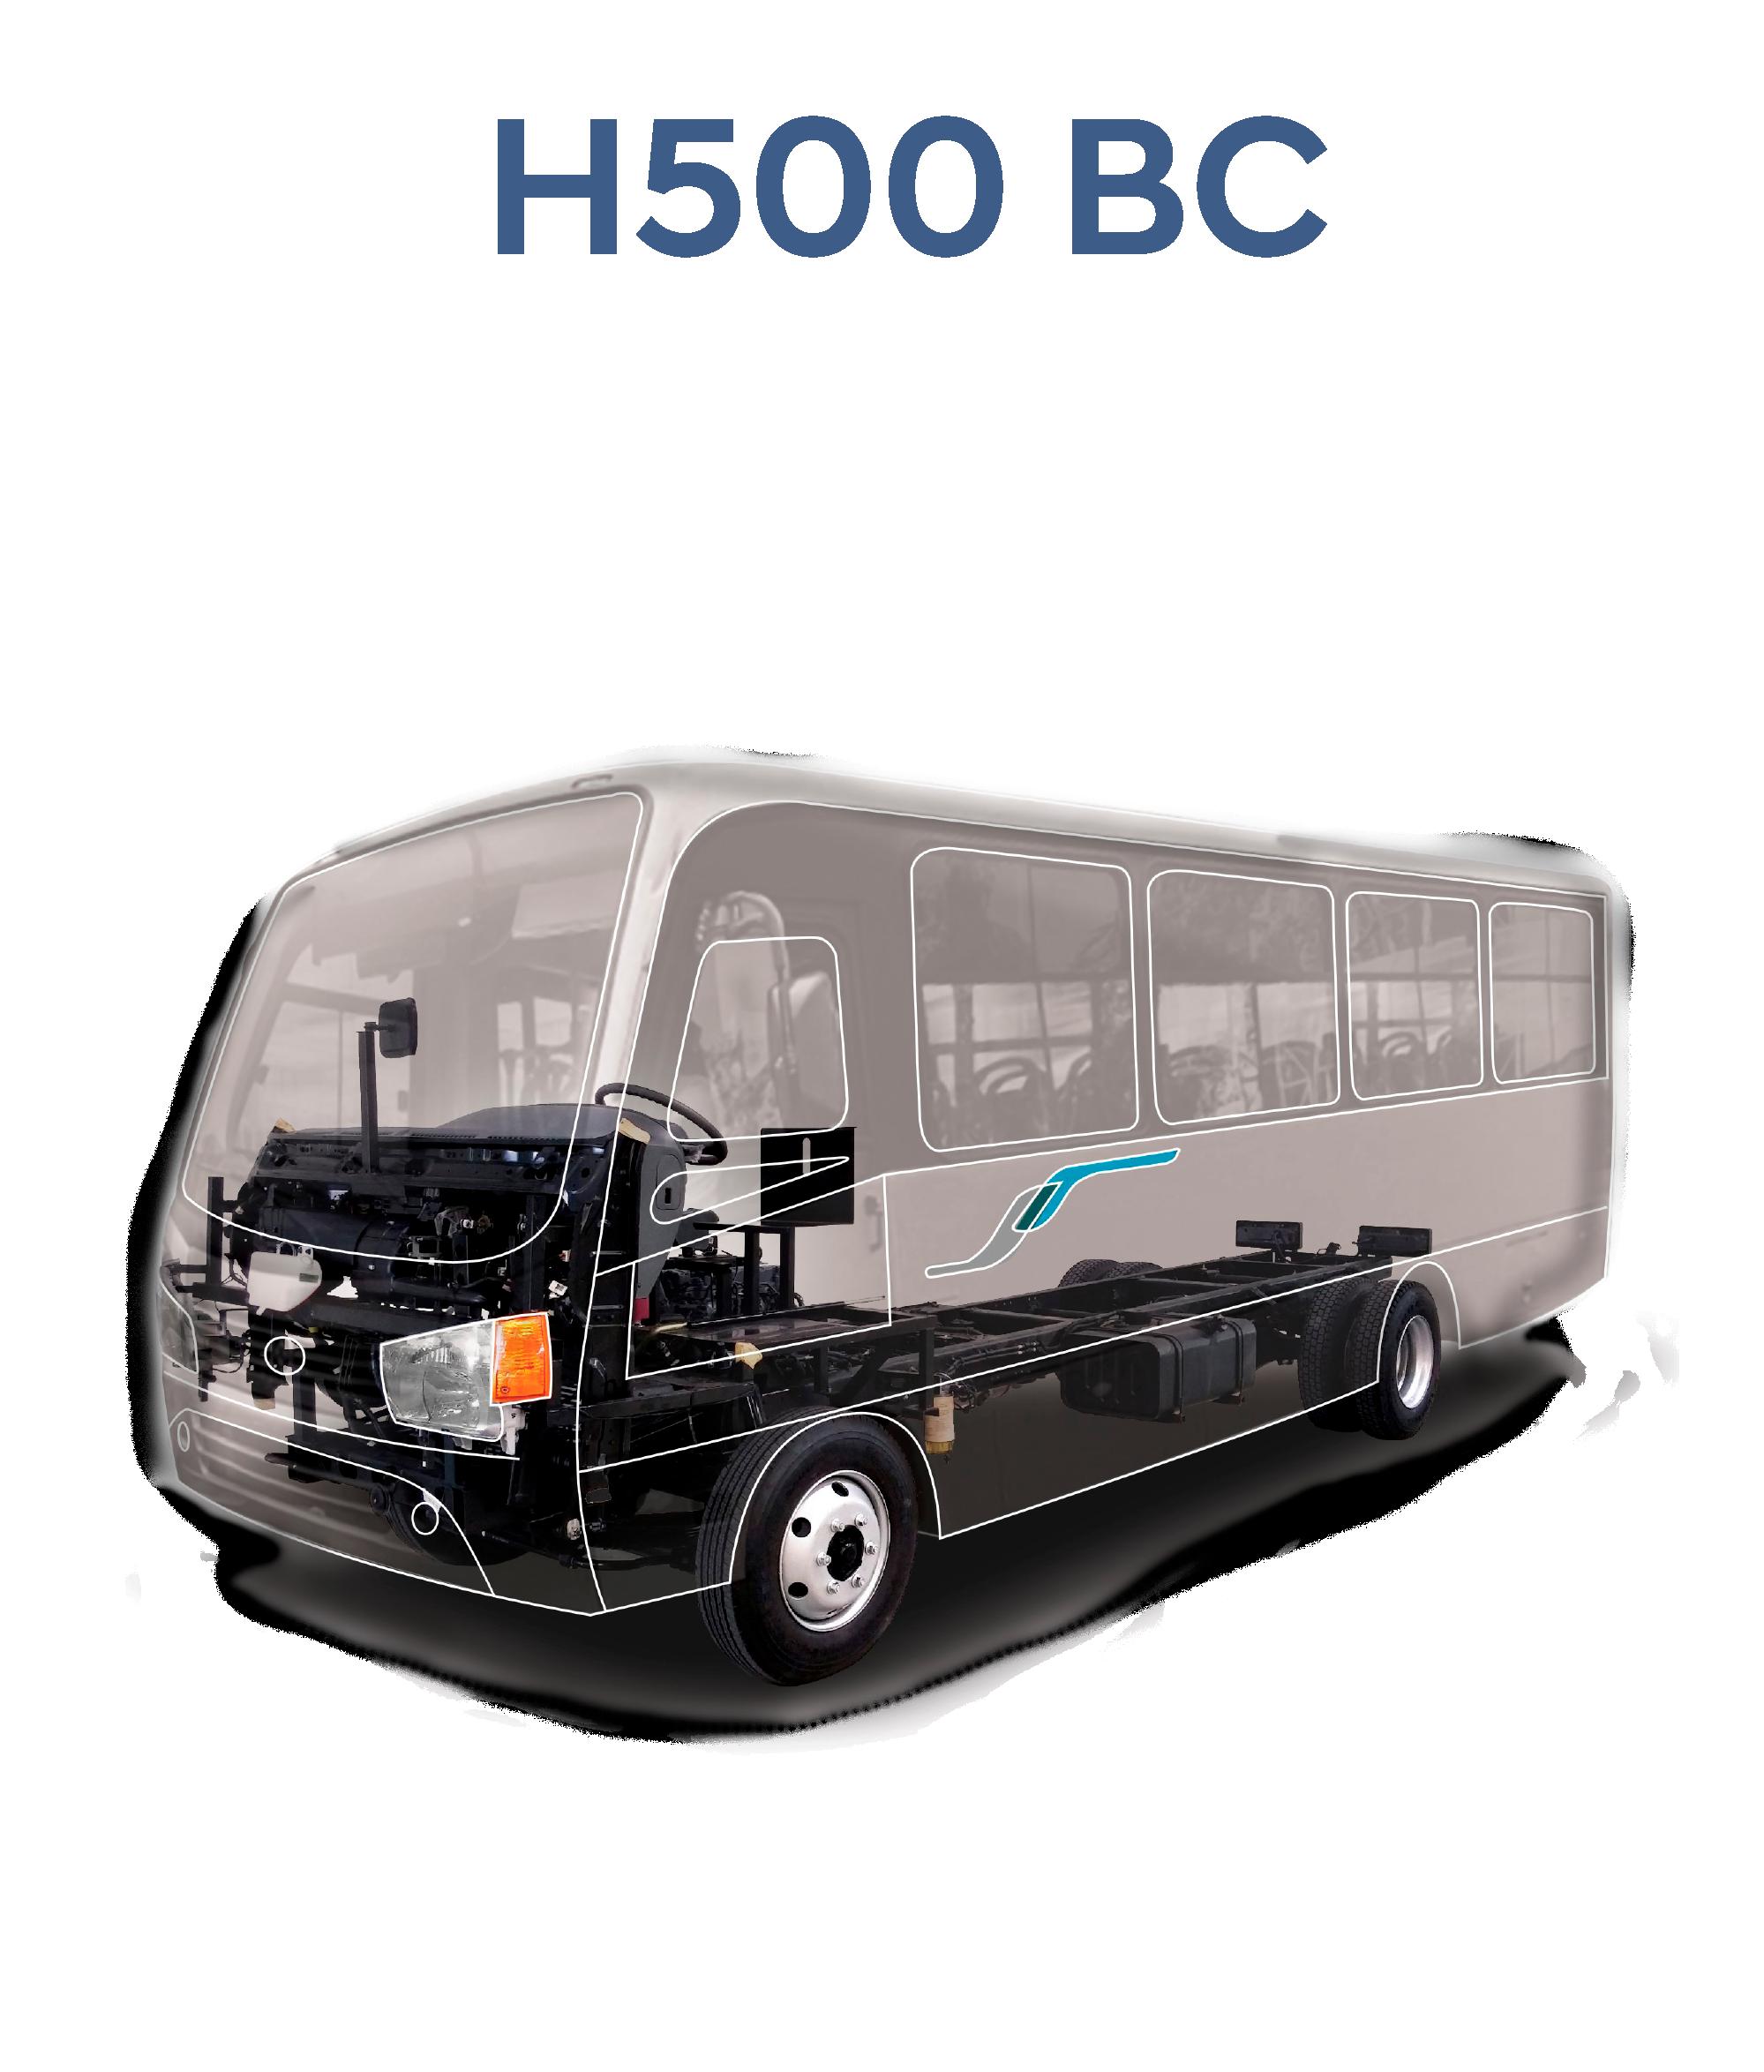 H500 BC